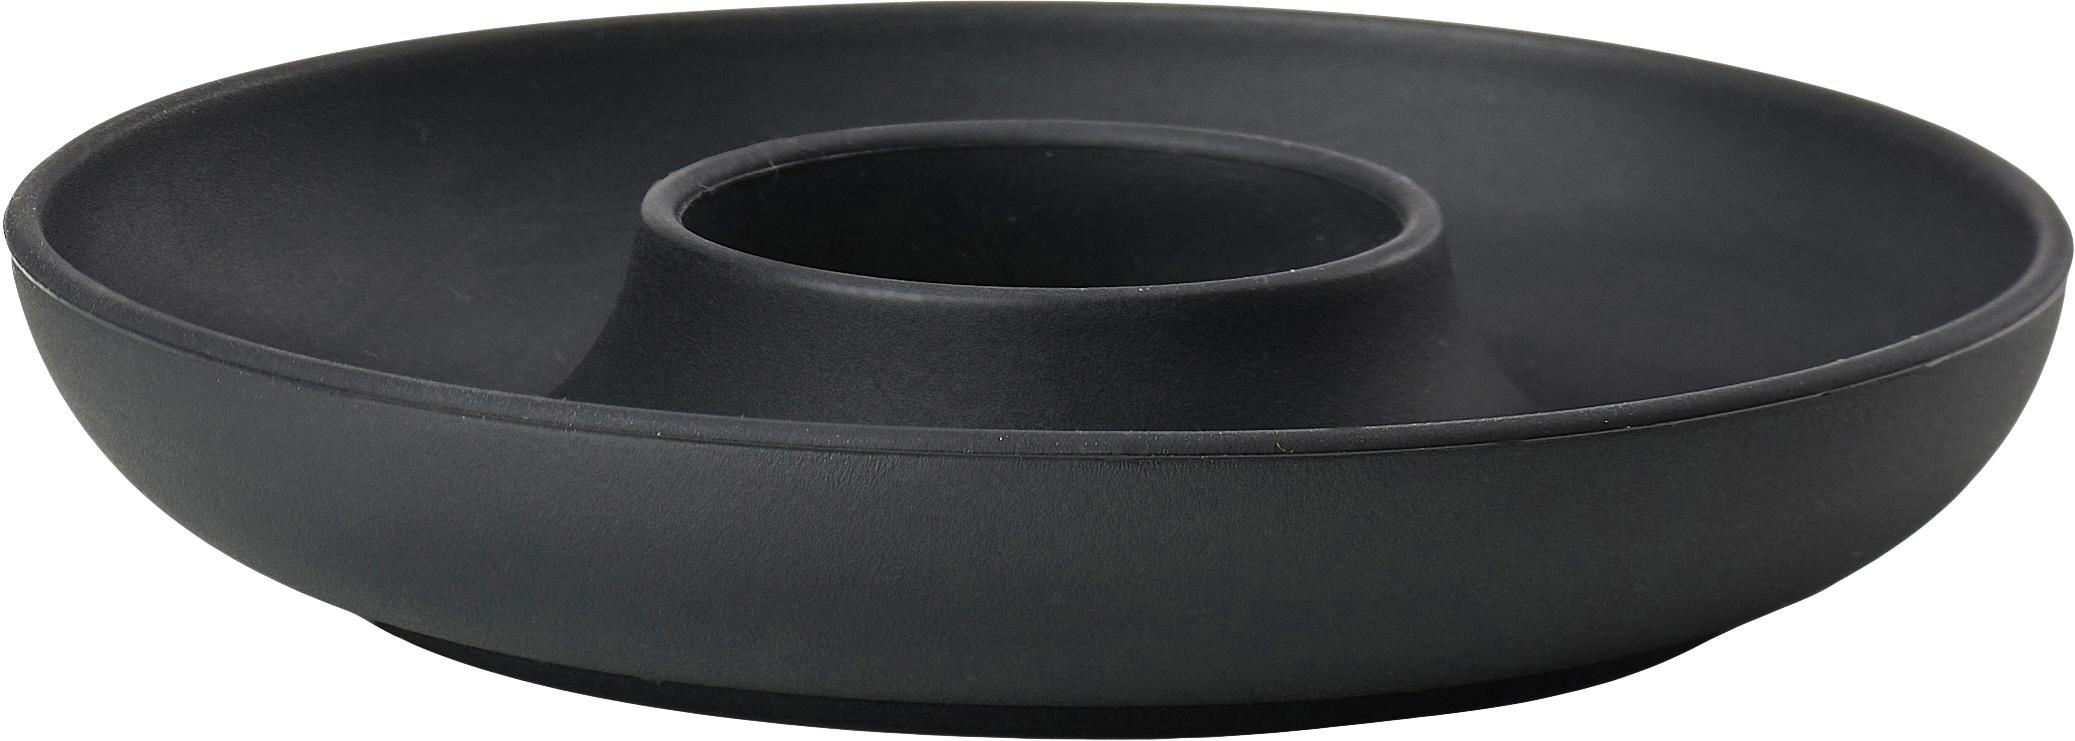 Portauova Henk, 4 pz., Silicone, metallo, rivestito, Nero, Ø 11 cm